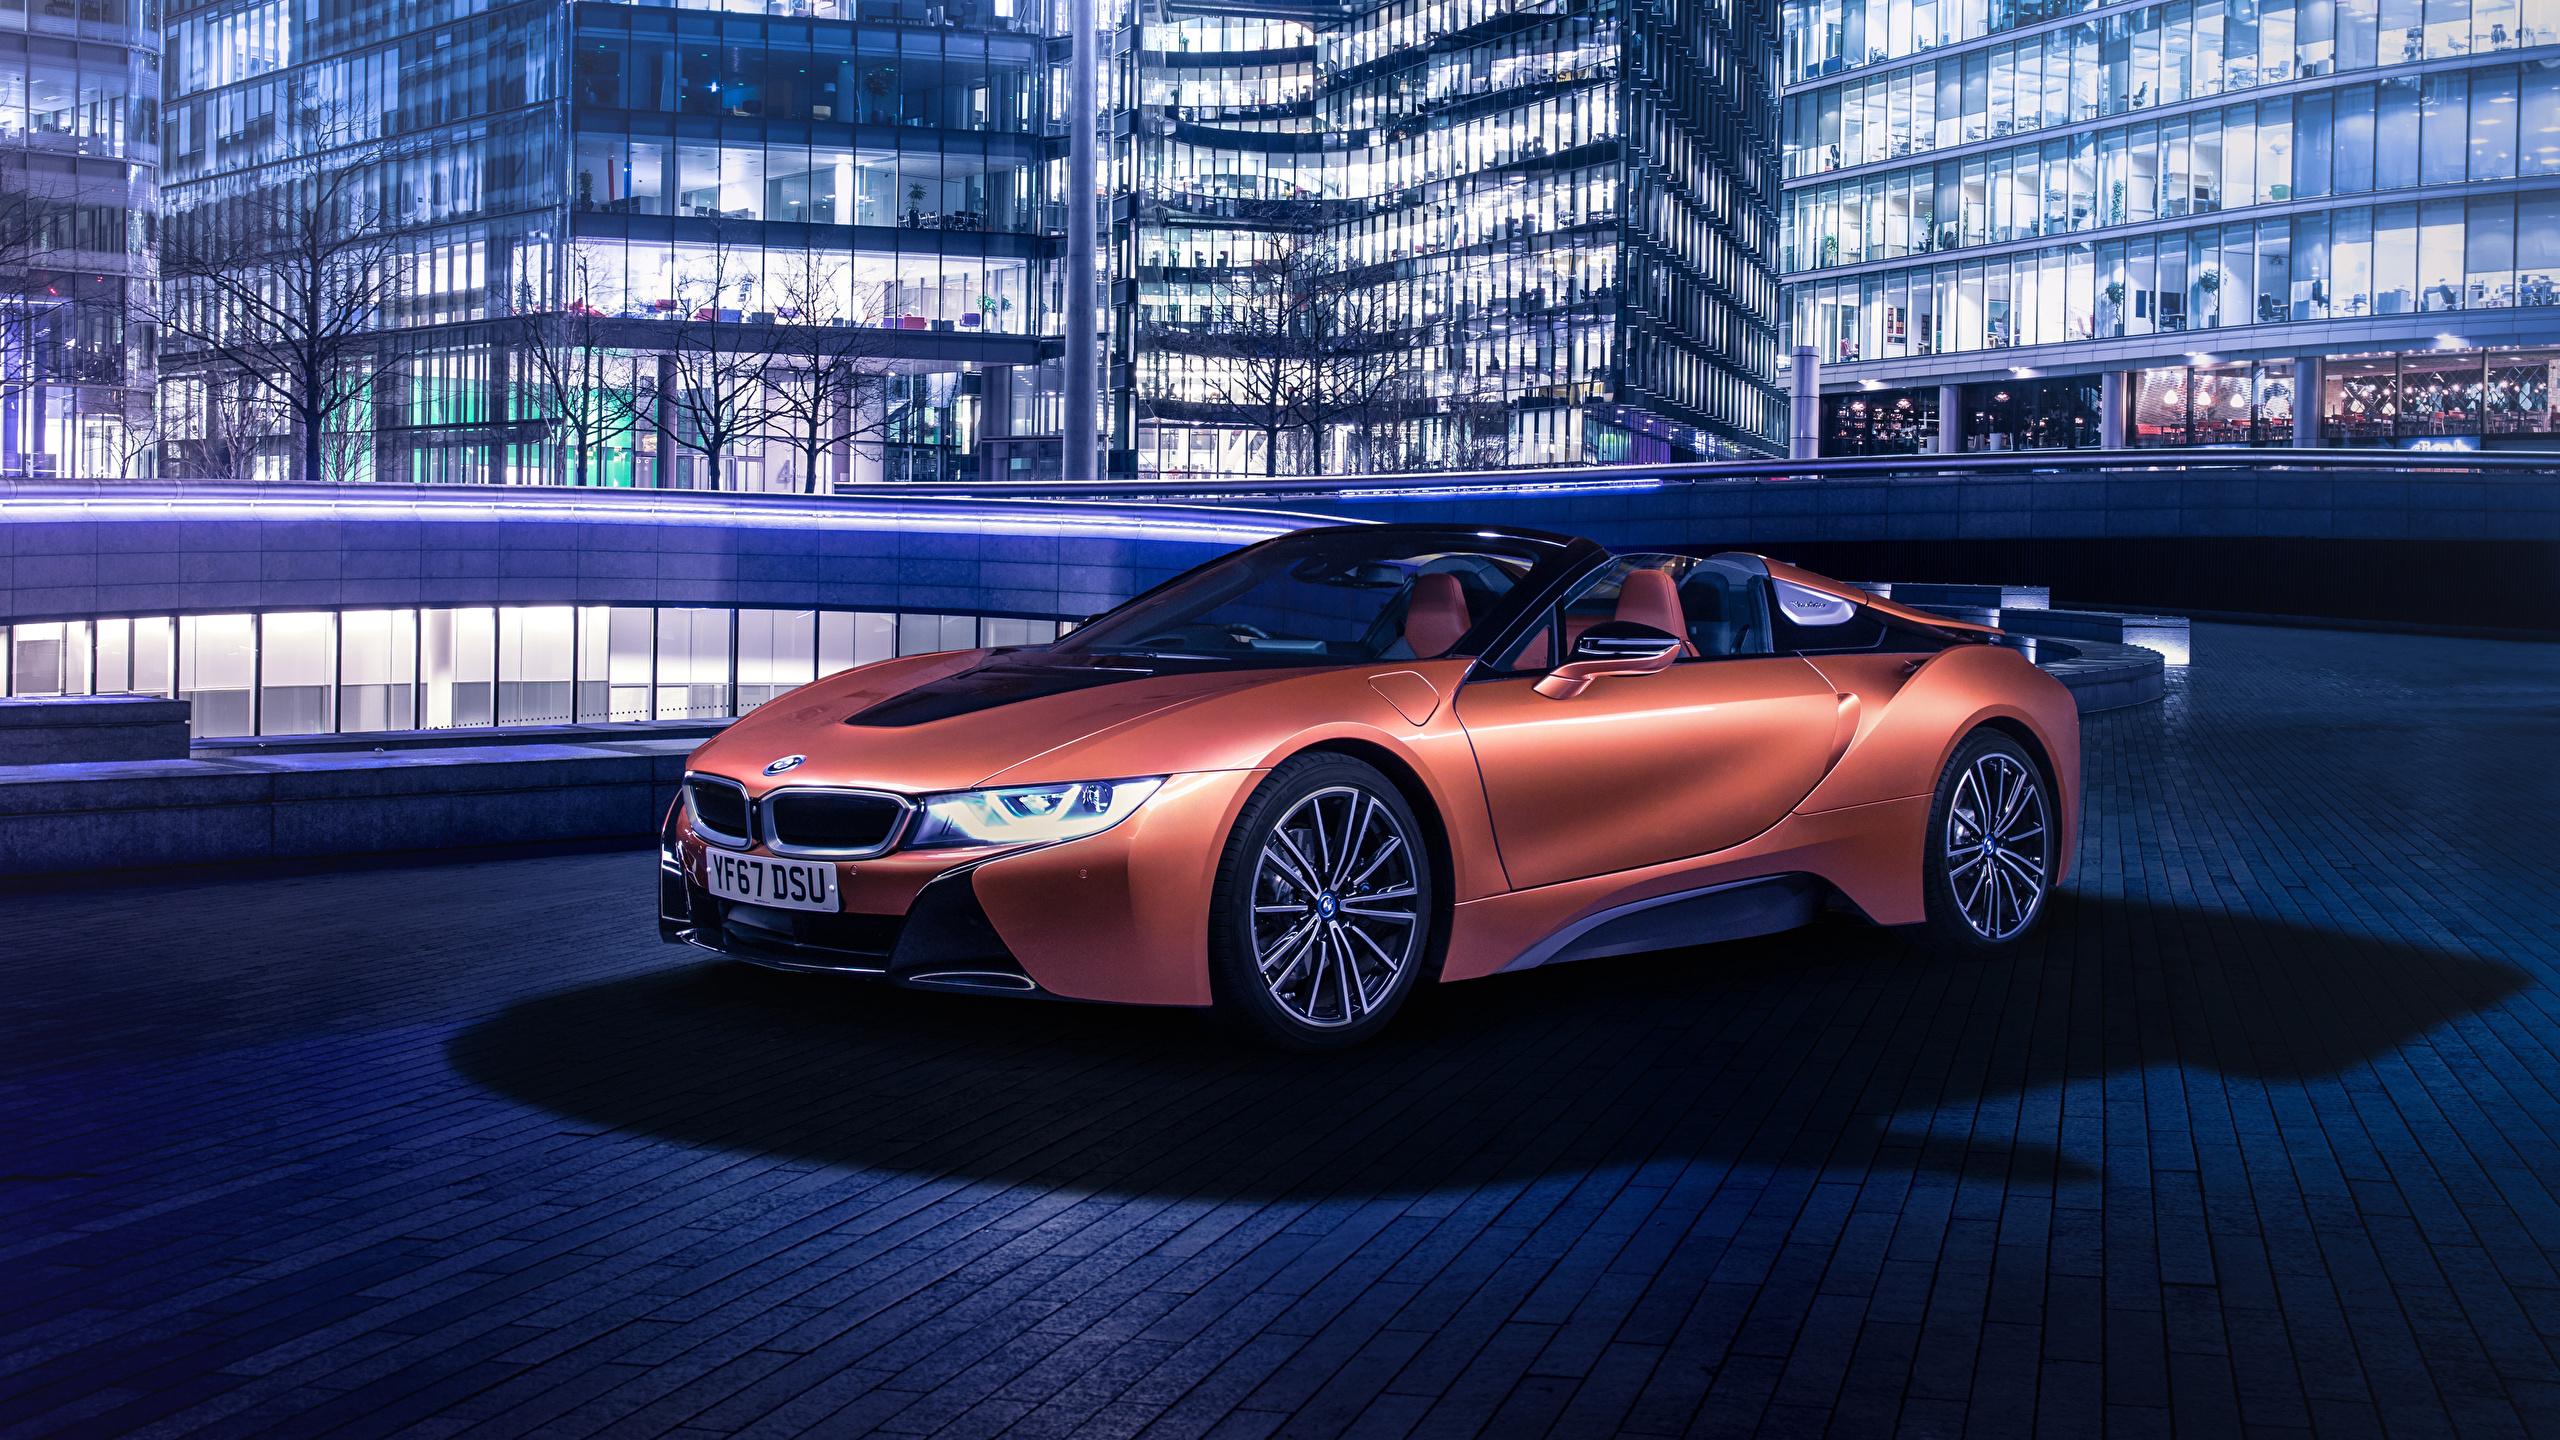 Обои для рабочего стола BMW 2018 i8 Roadster Родстер оранжевые автомобиль 2560x1440 БМВ оранжевых Оранжевый оранжевая авто машина машины Автомобили